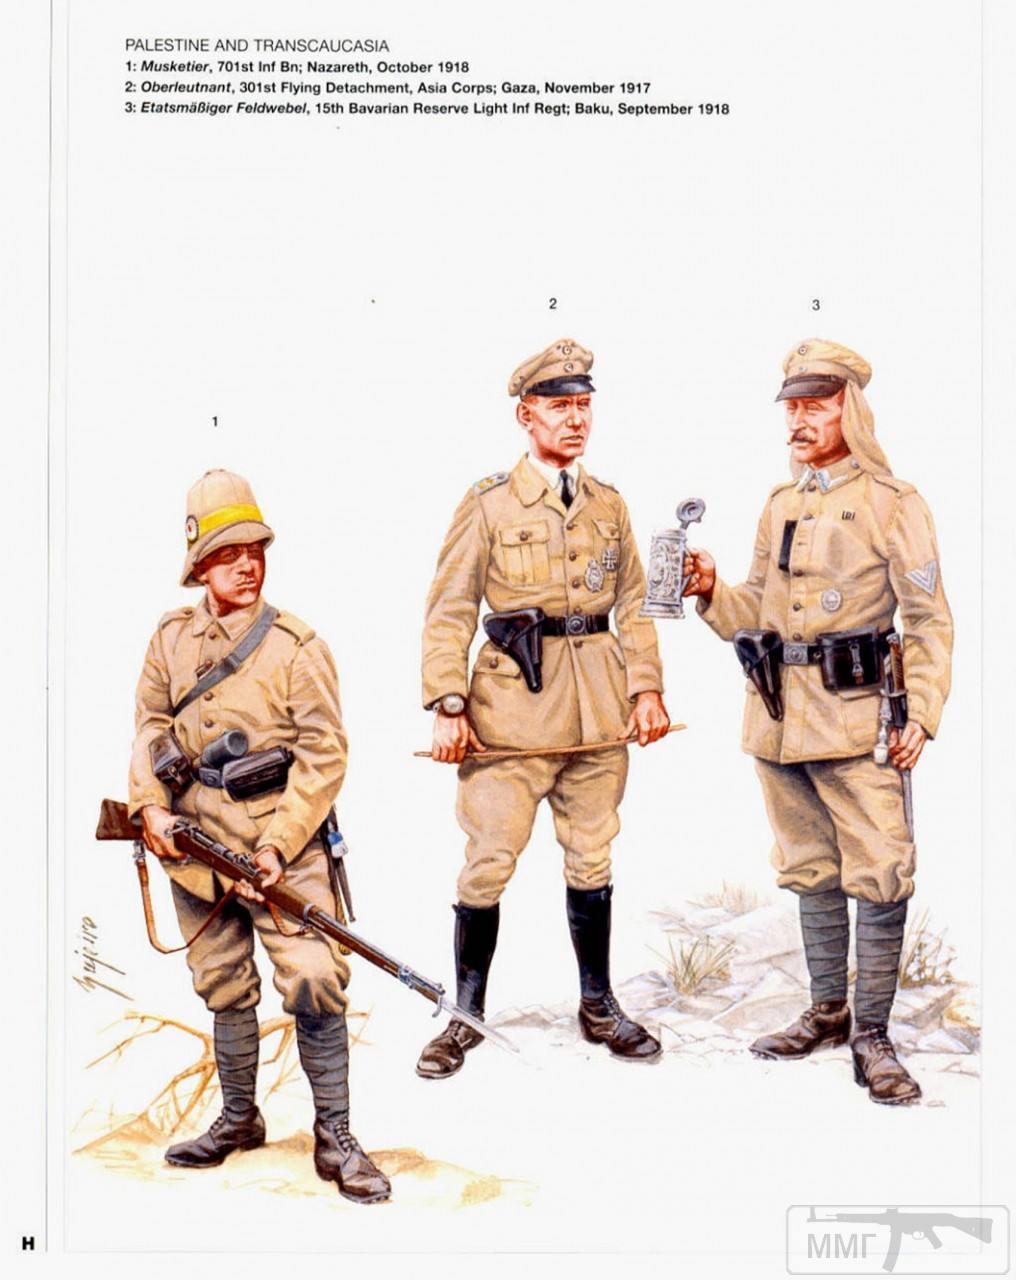 44396 - Первая Мировая, солдаты стран участниц.